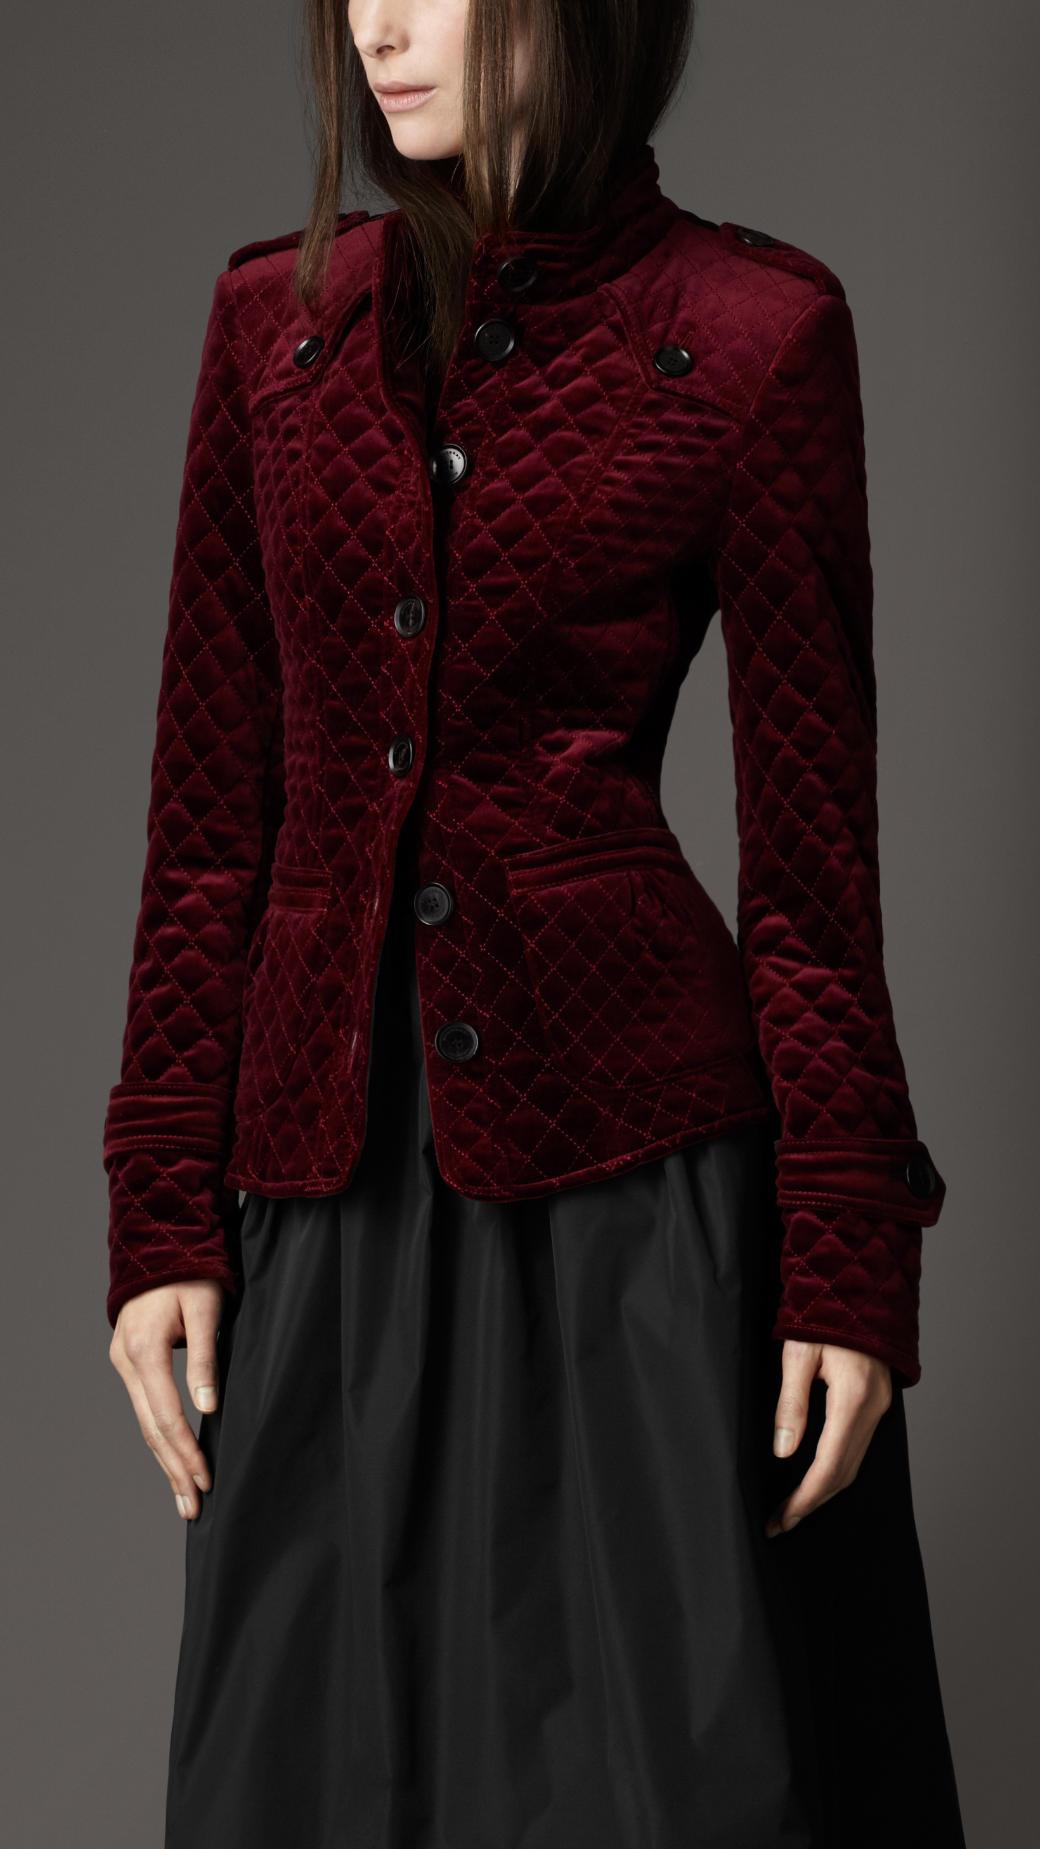 Lyst Burberry Multiquilt Velvet Jacket In Red